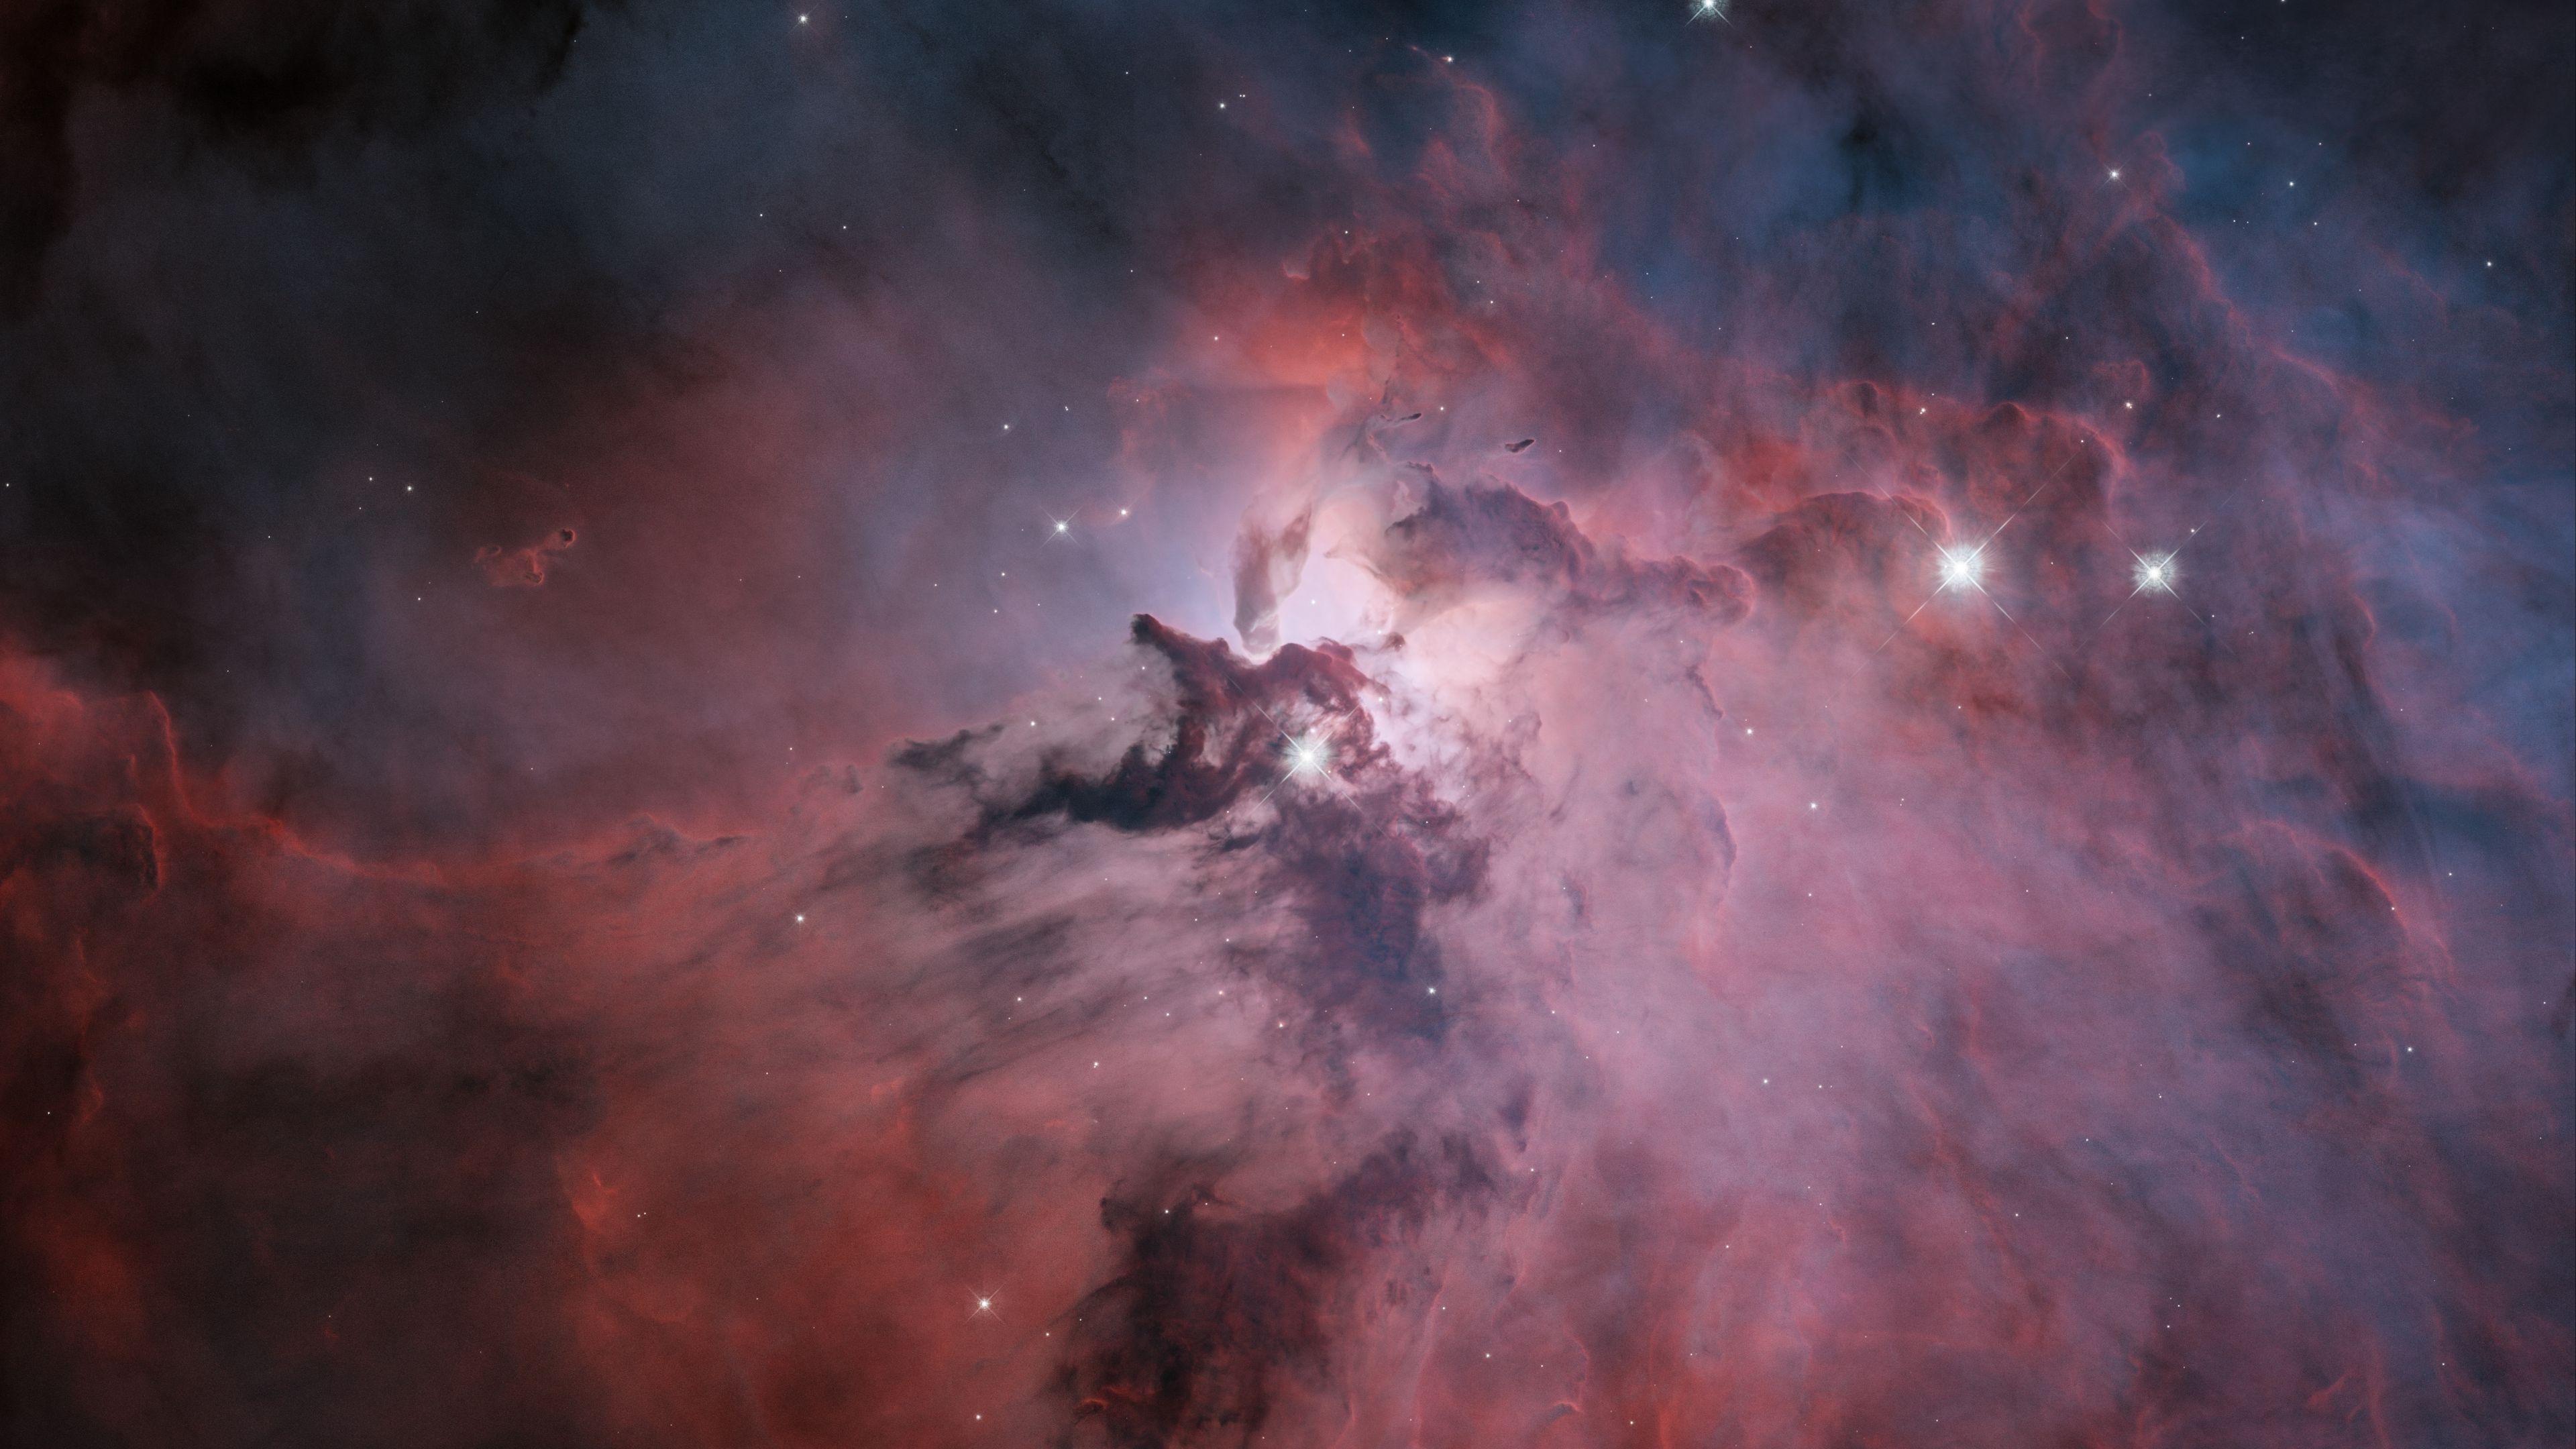 Nebula Stars Galaxy Milky Way Andromeda Space Universe Planet Helix Nebula 3840x2160